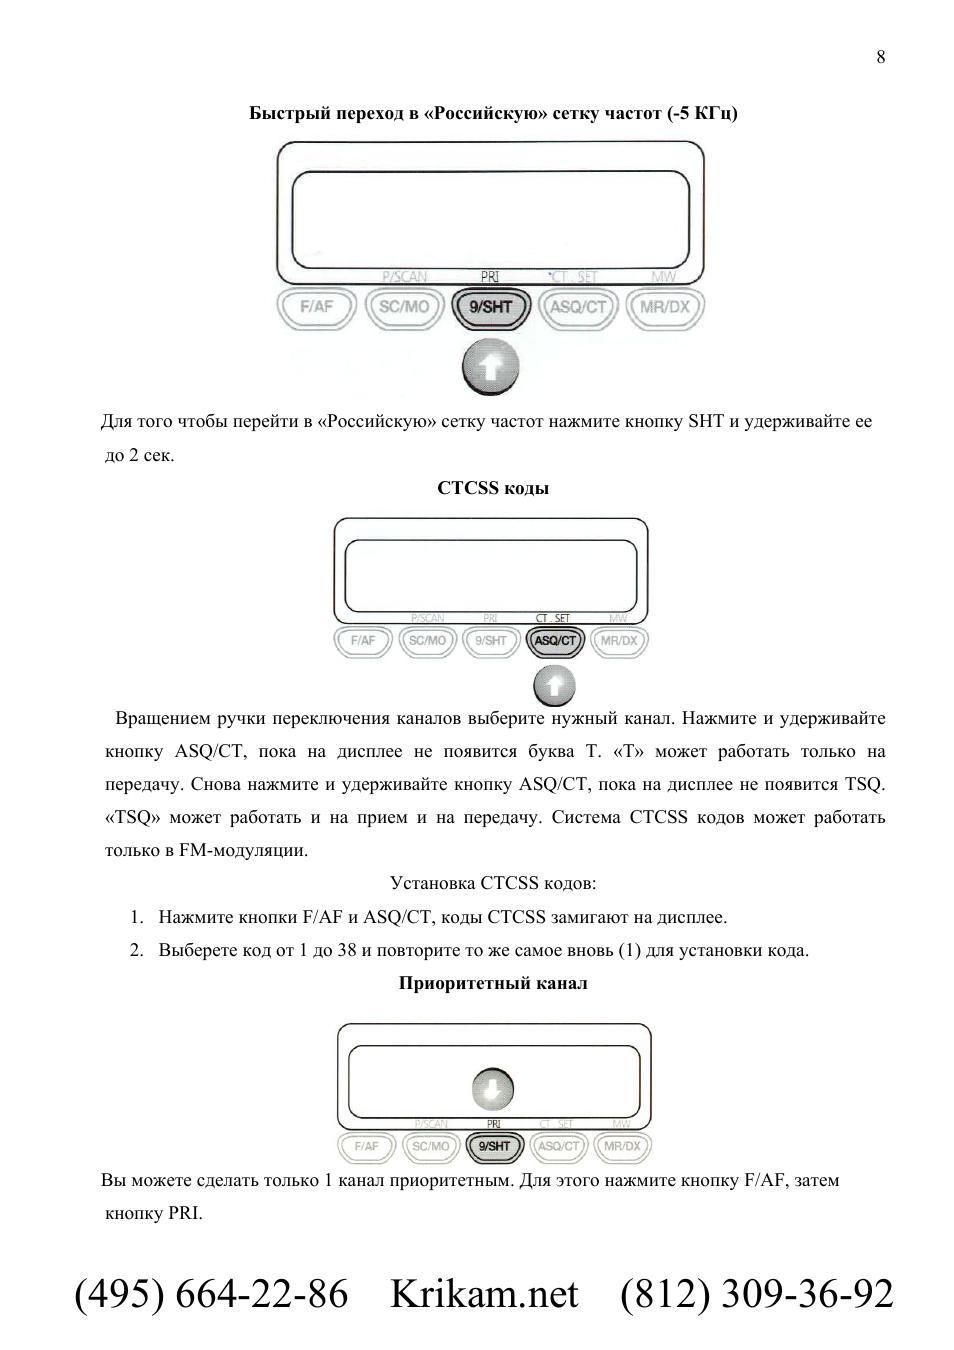 инструкция по эксплуатации радиостанции мегаджет 300 плюс